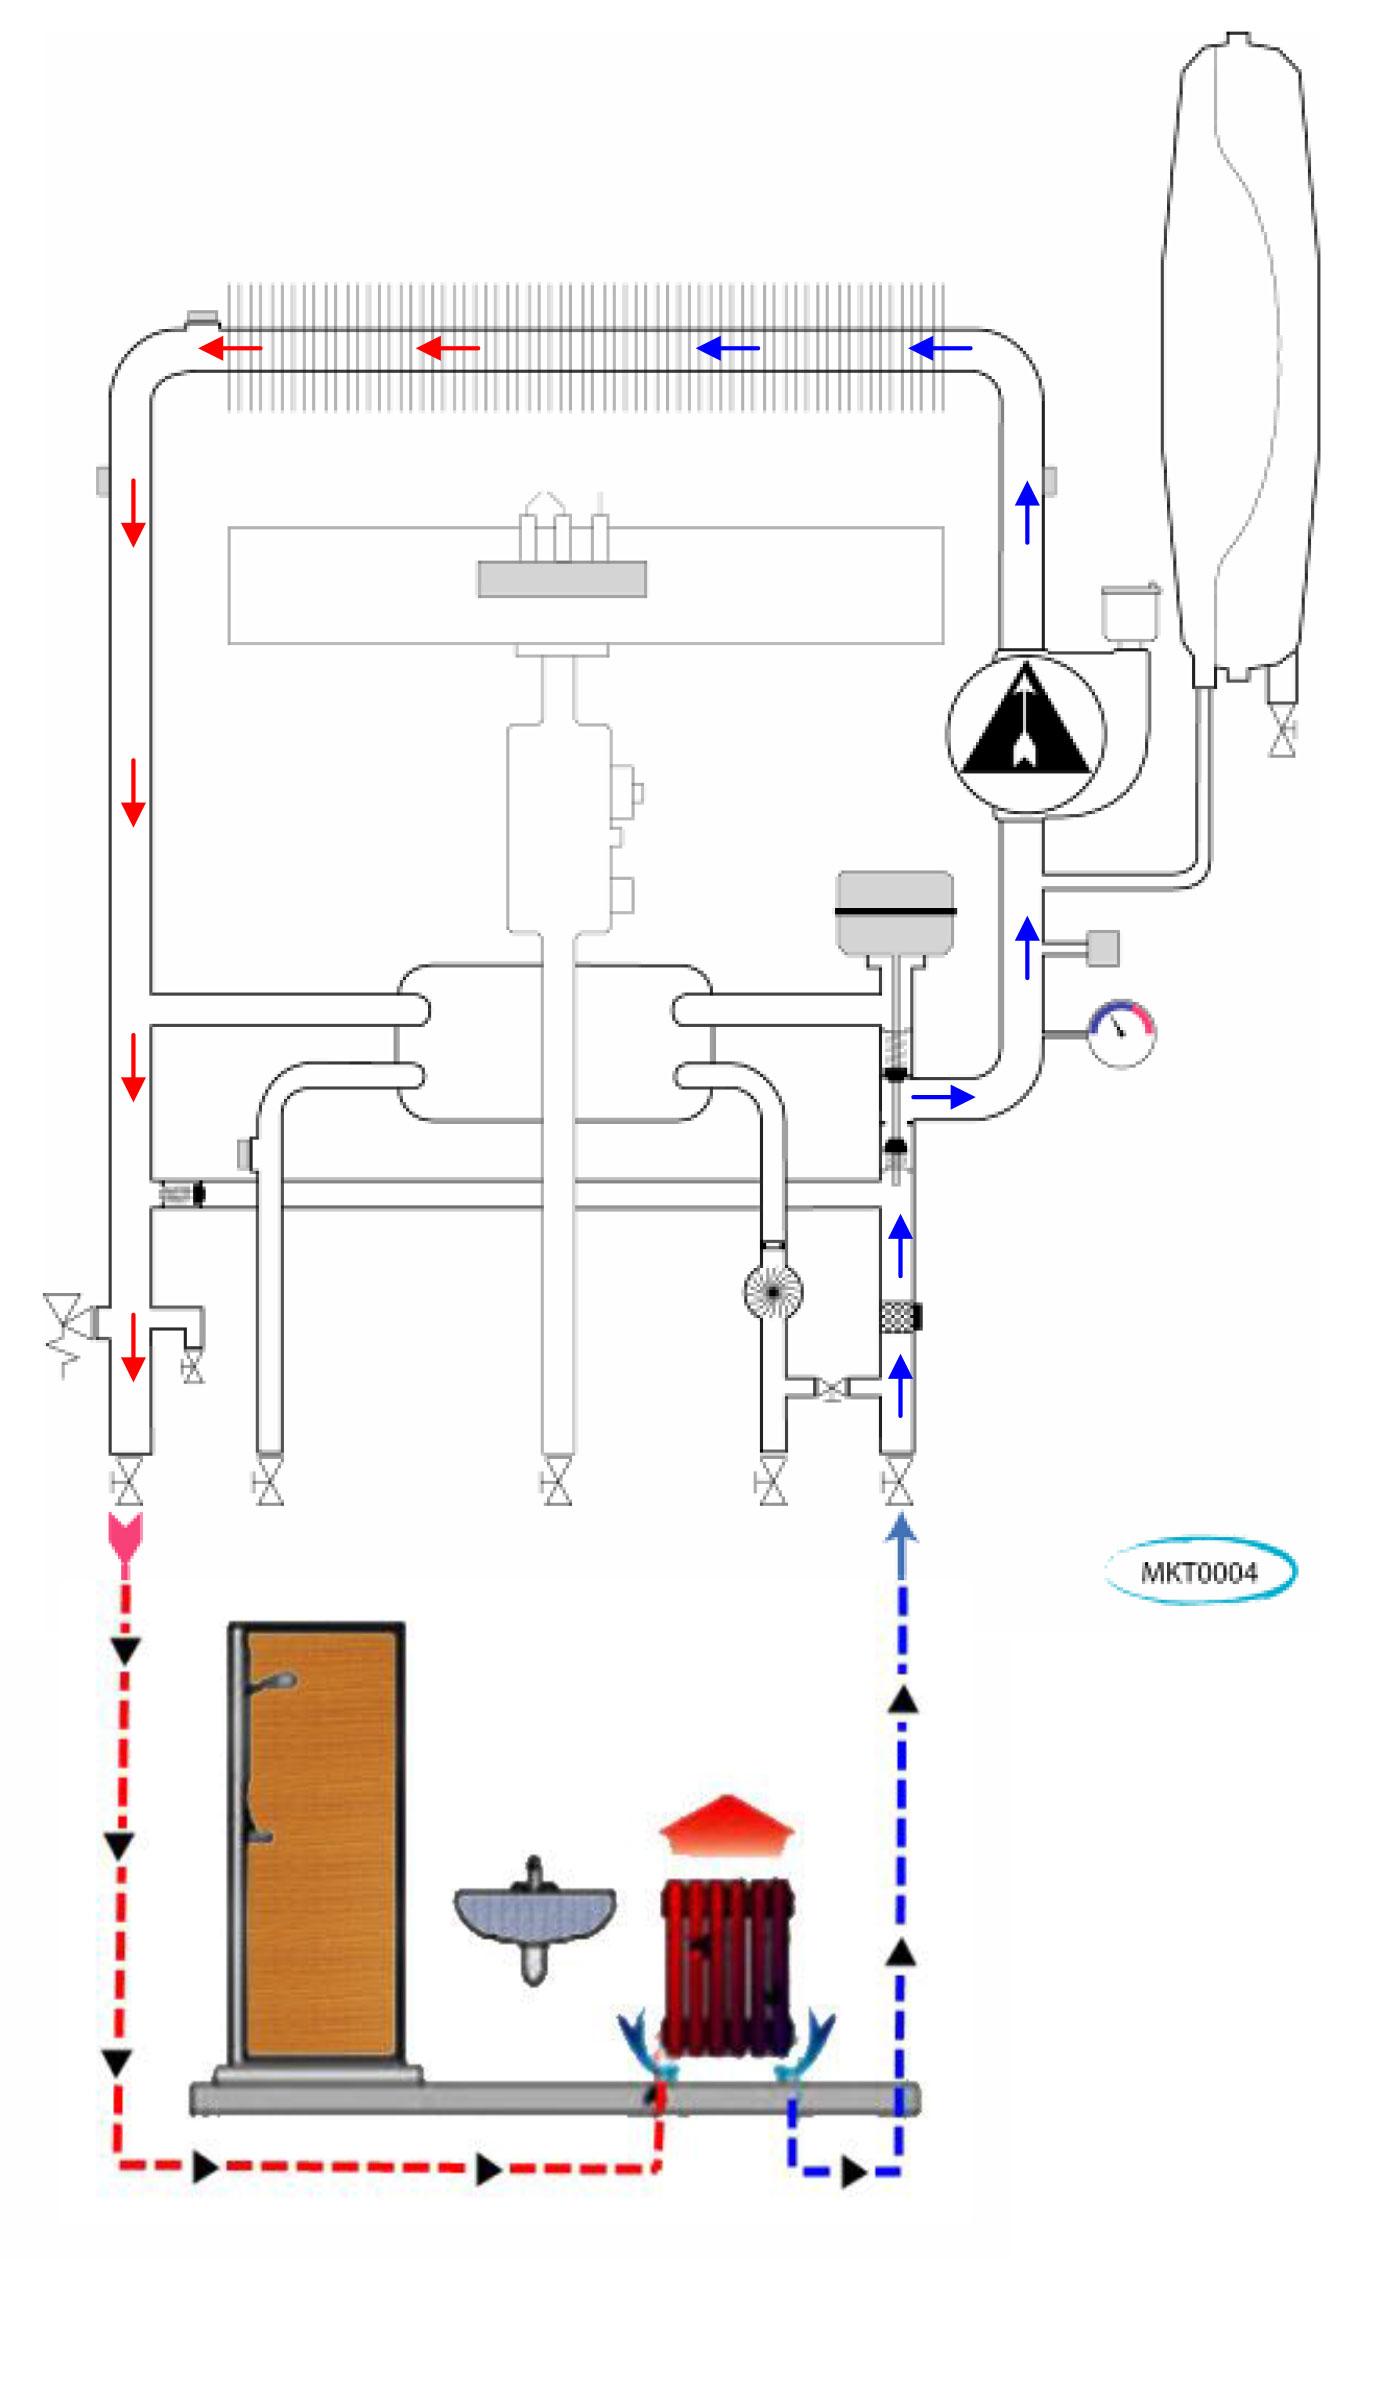 سیستم گرمایش پکیج